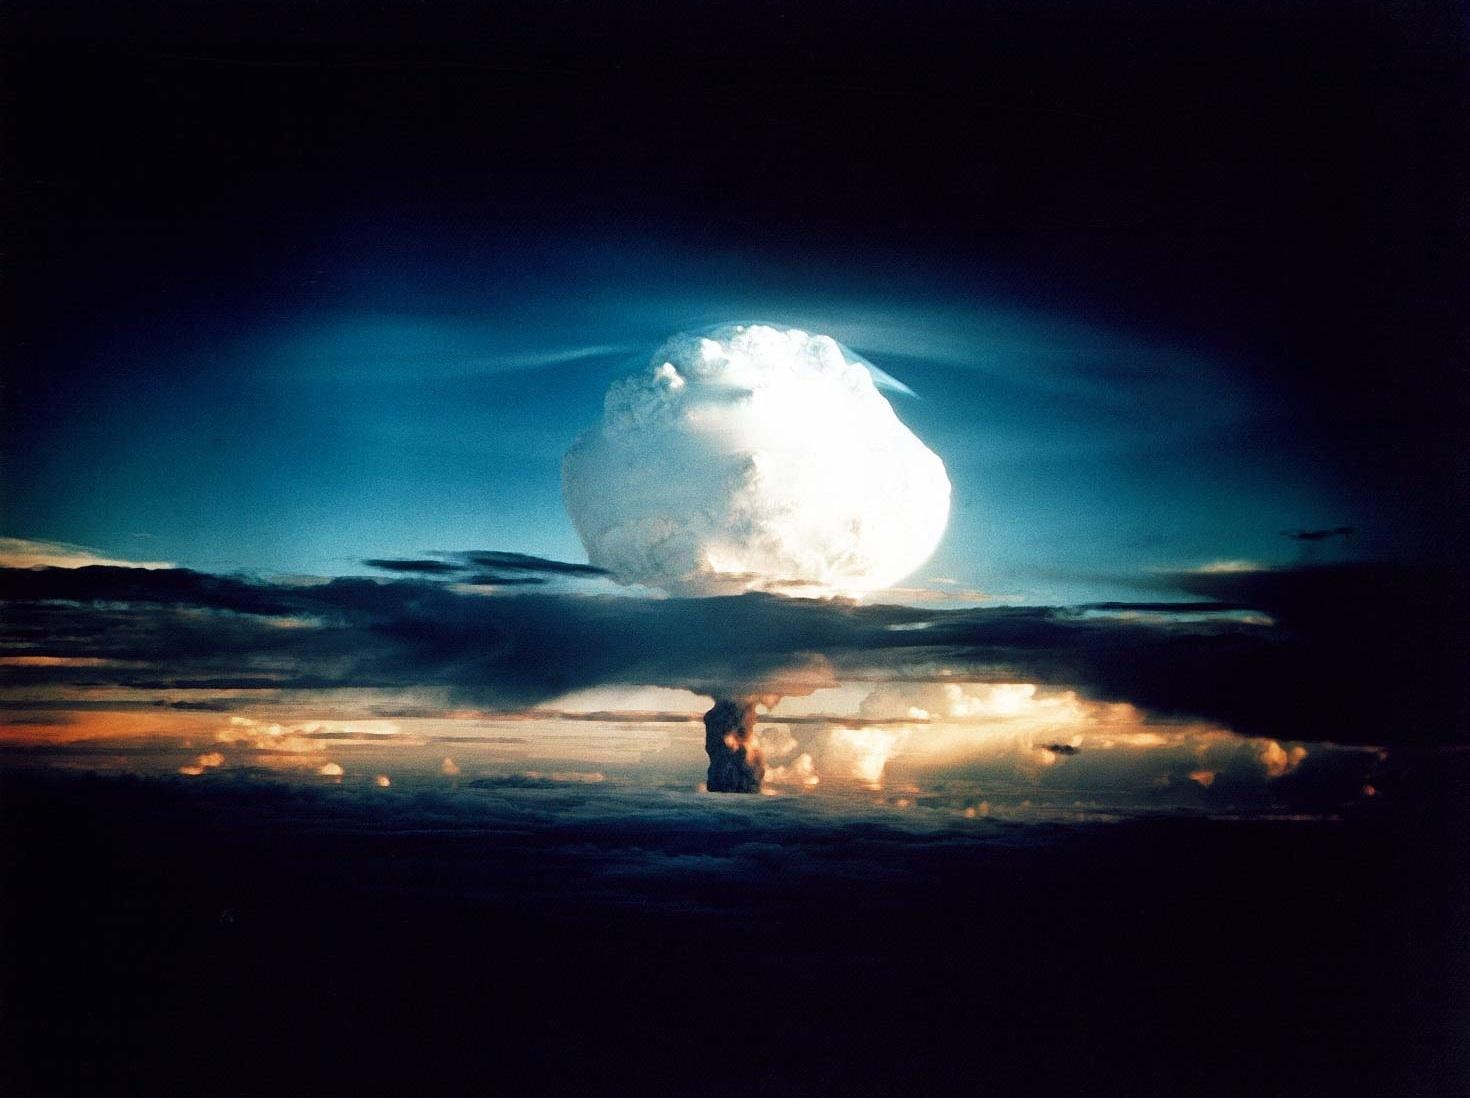 Am 17. Januar 1966 kam es an der spanischen Mittelmeerküste zu einem Unfall mit einem B-52 Bomber, der mit vier Wasserstoffbomben bestückt war.